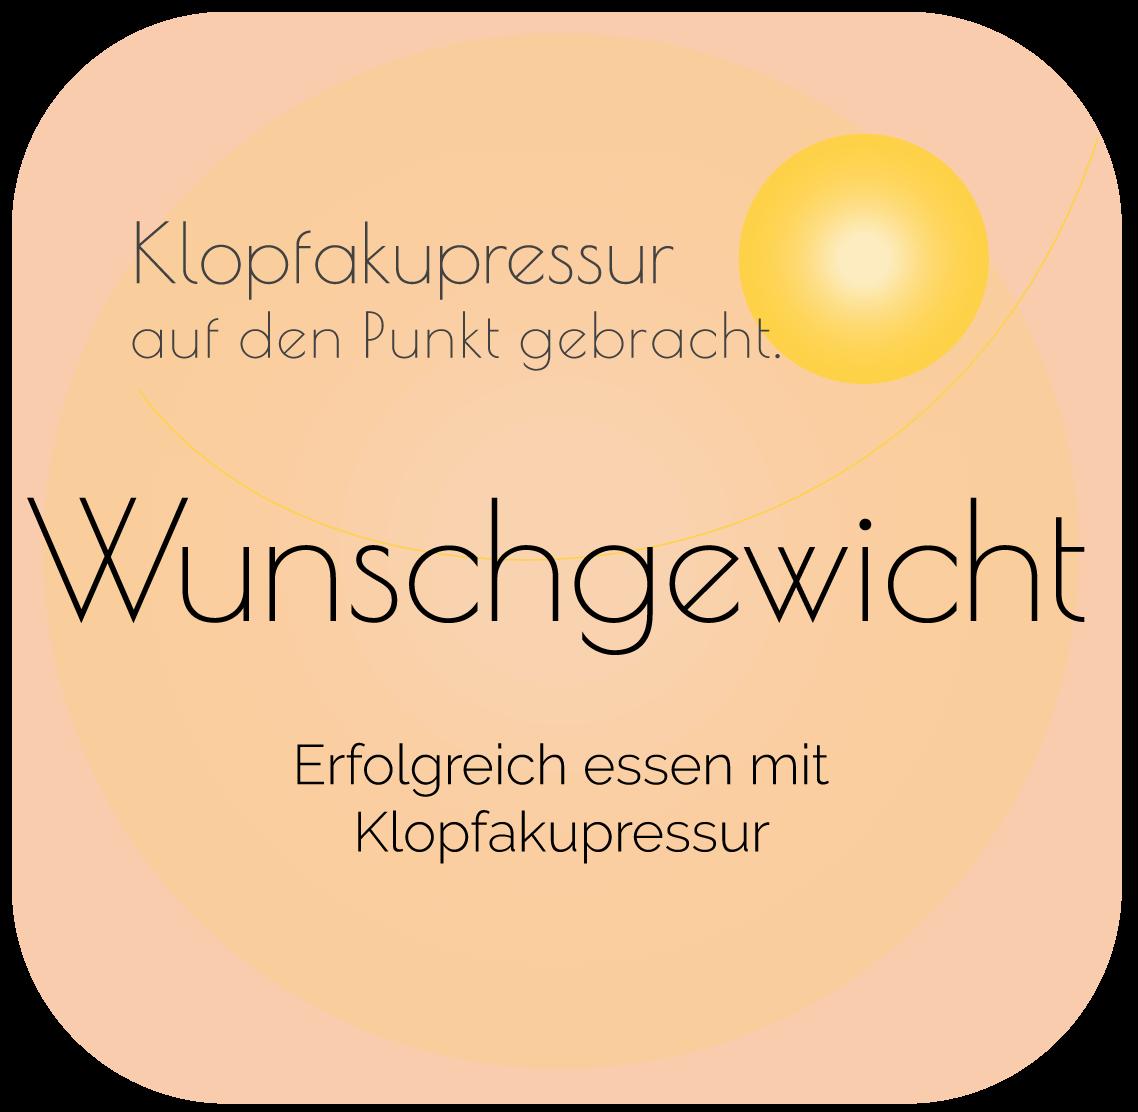 klopfakupressur-fachfortbildungen.de